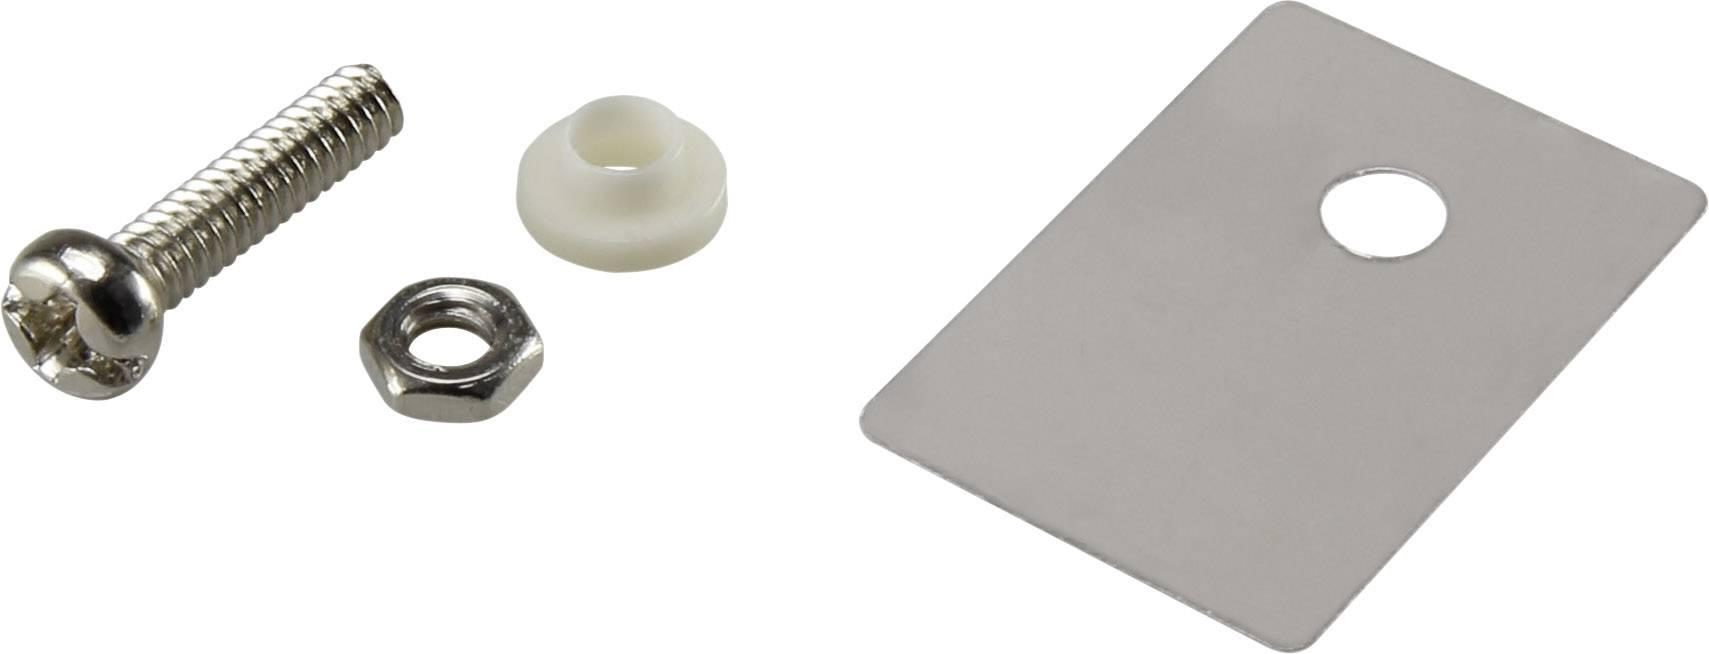 Sada montážního materiálu pro polovodiče SCI A18-10D, (d x š) 22.3 mm x 15.2 mm, vhodné pro TO-247 , 1 sada